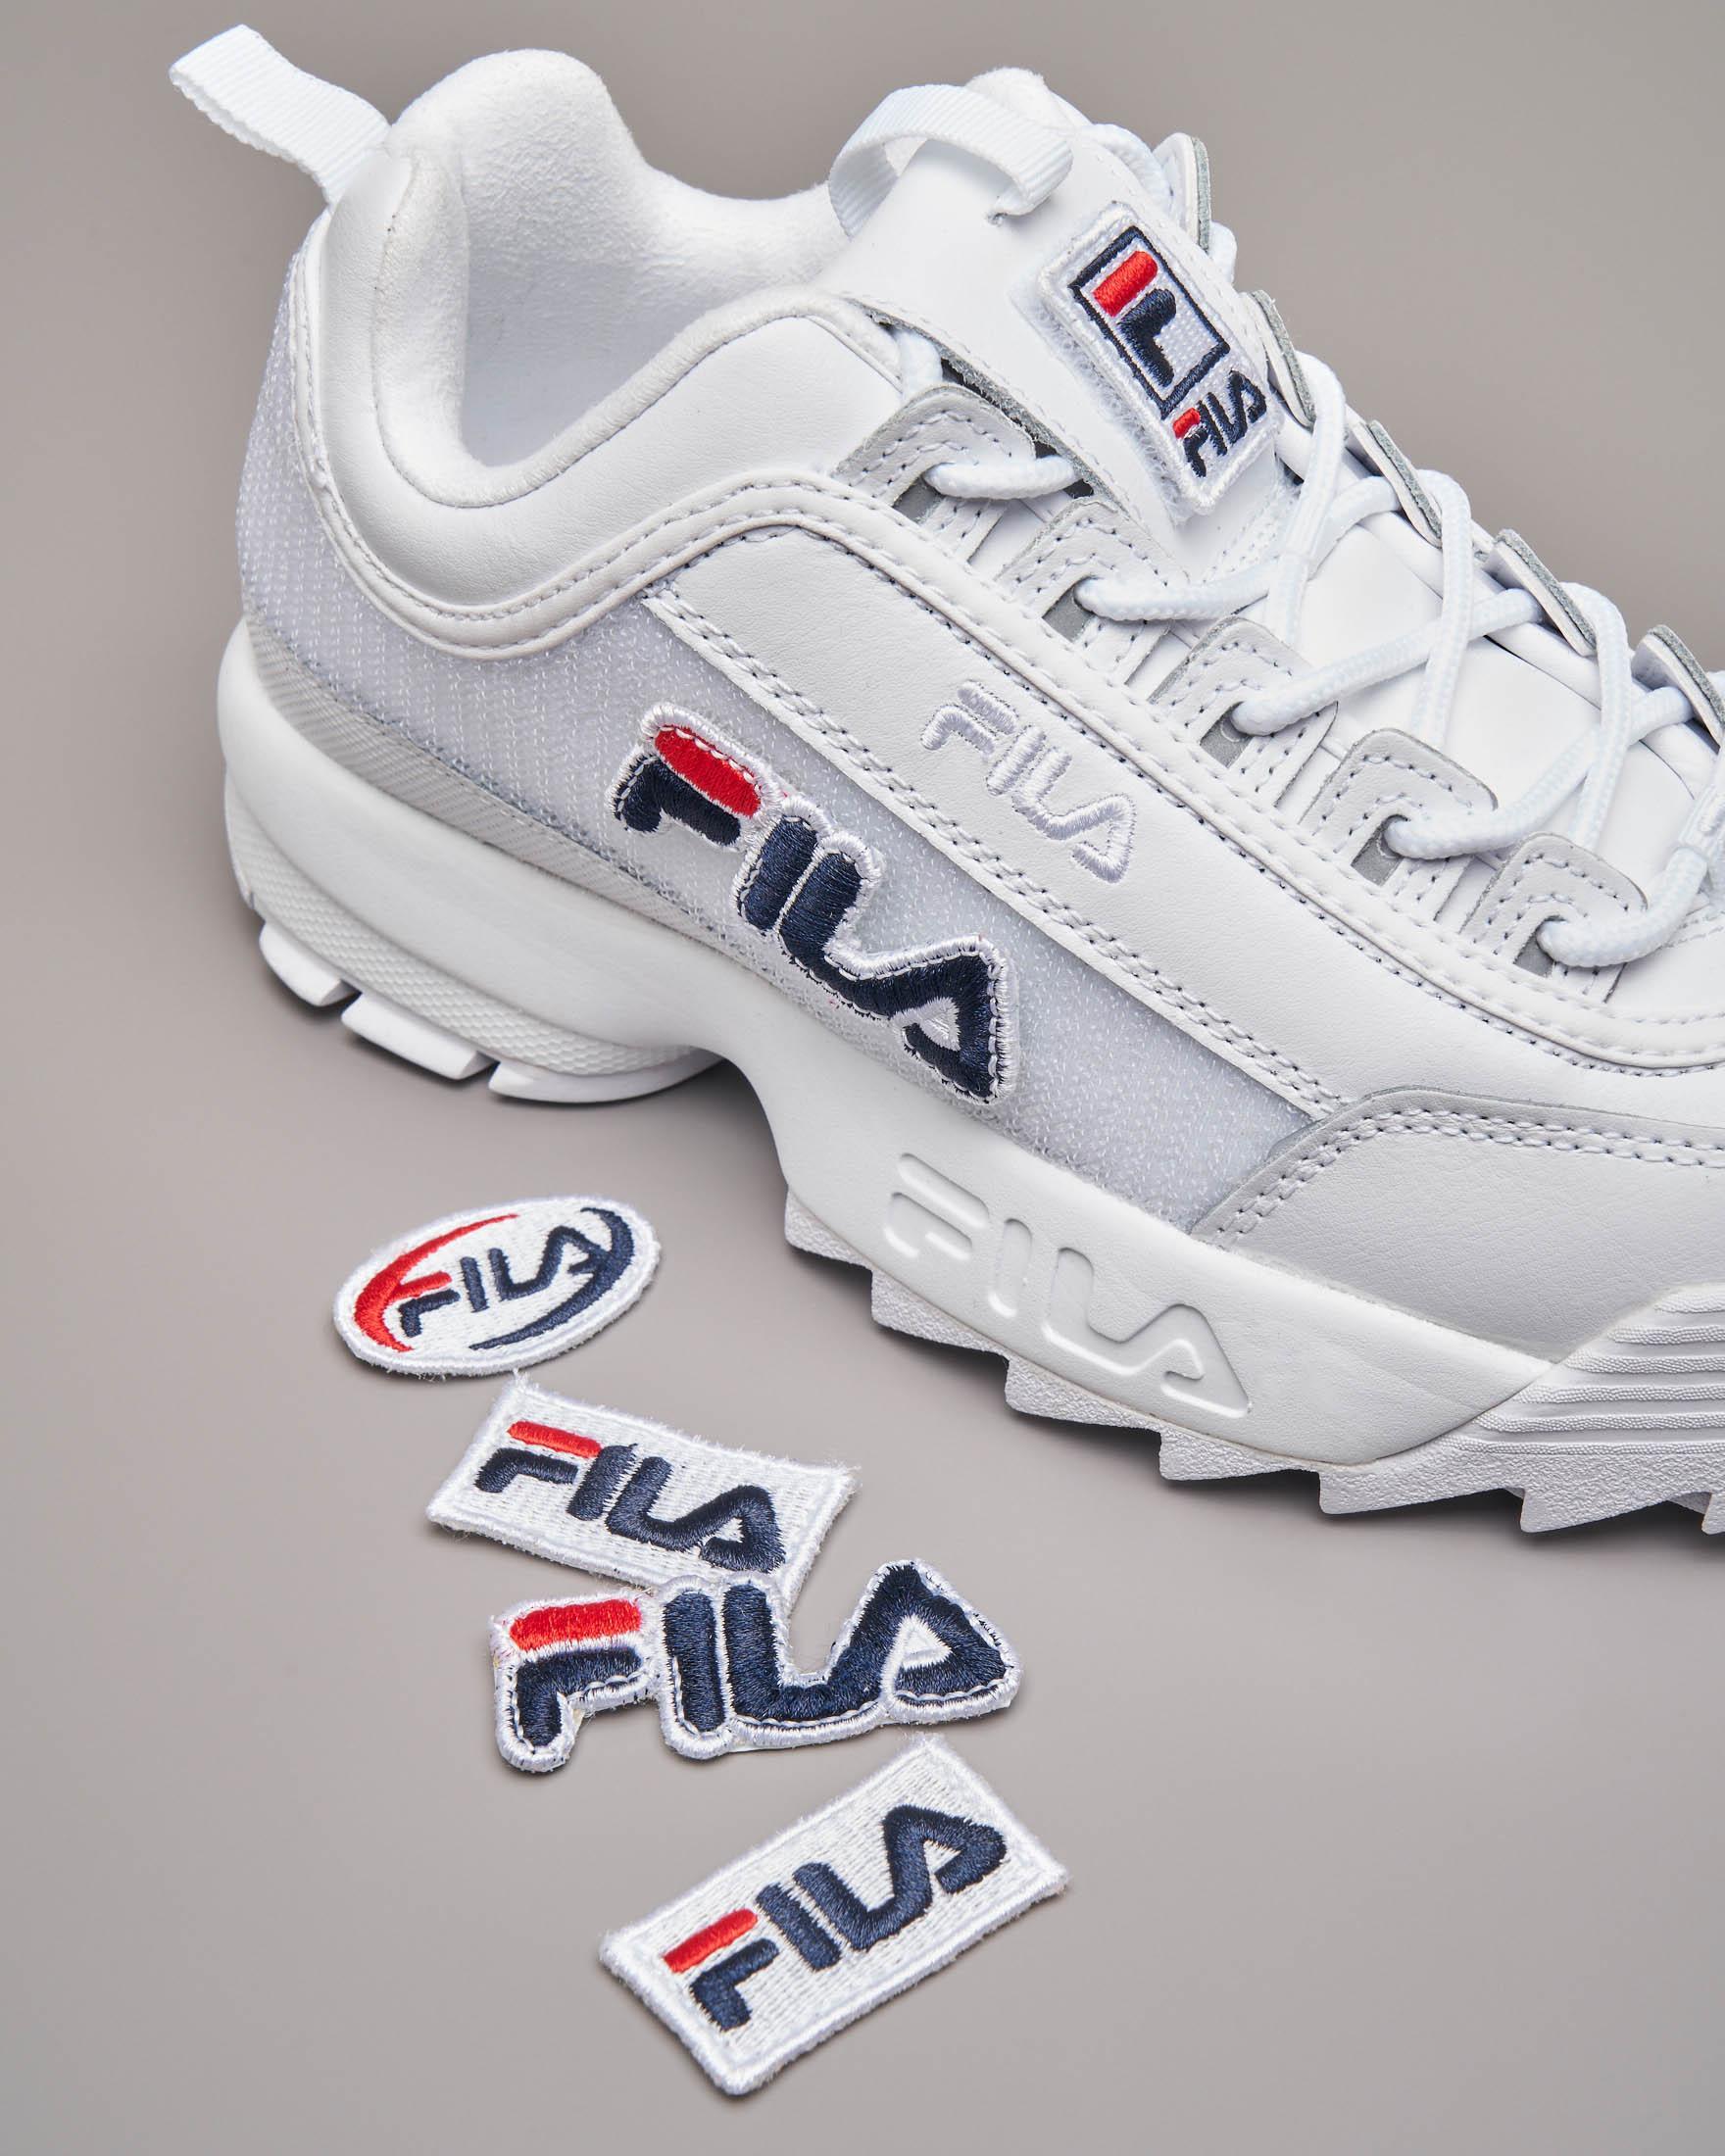 Sneaker Fila Disruptor bianca con patches | Pellizzari E commerce